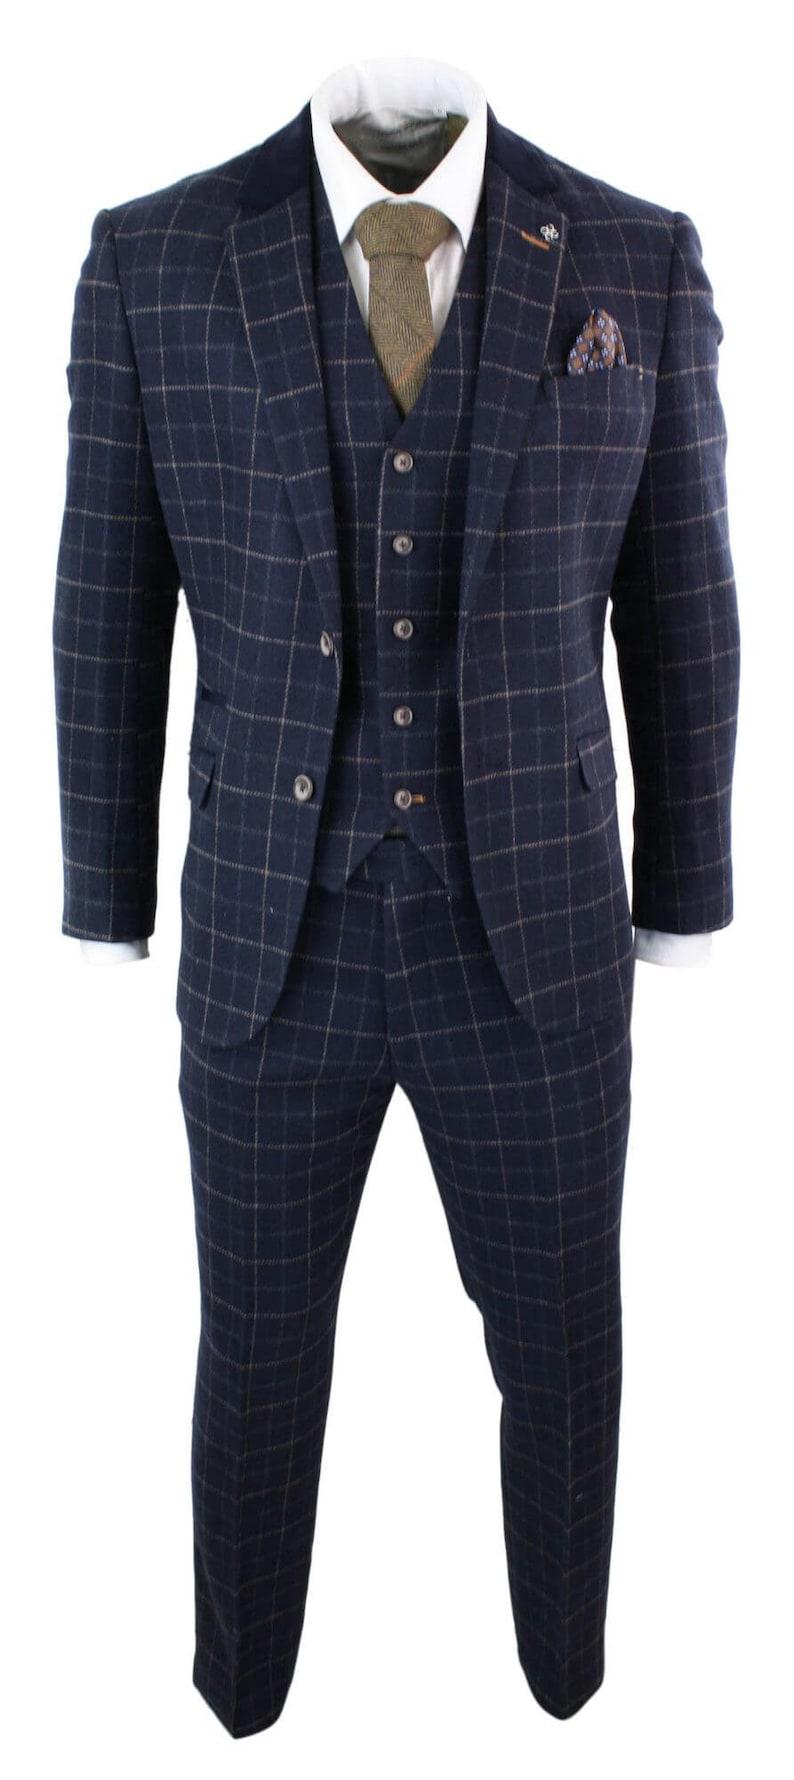 1920s Mens Suits   Gatsby, Gangster, Peaky Blinders     Cavani Shelby - Mens Navy Blue 3 Piece Herringbone Check Suit Vintage Retro Tweed $288.52 AT vintagedancer.com